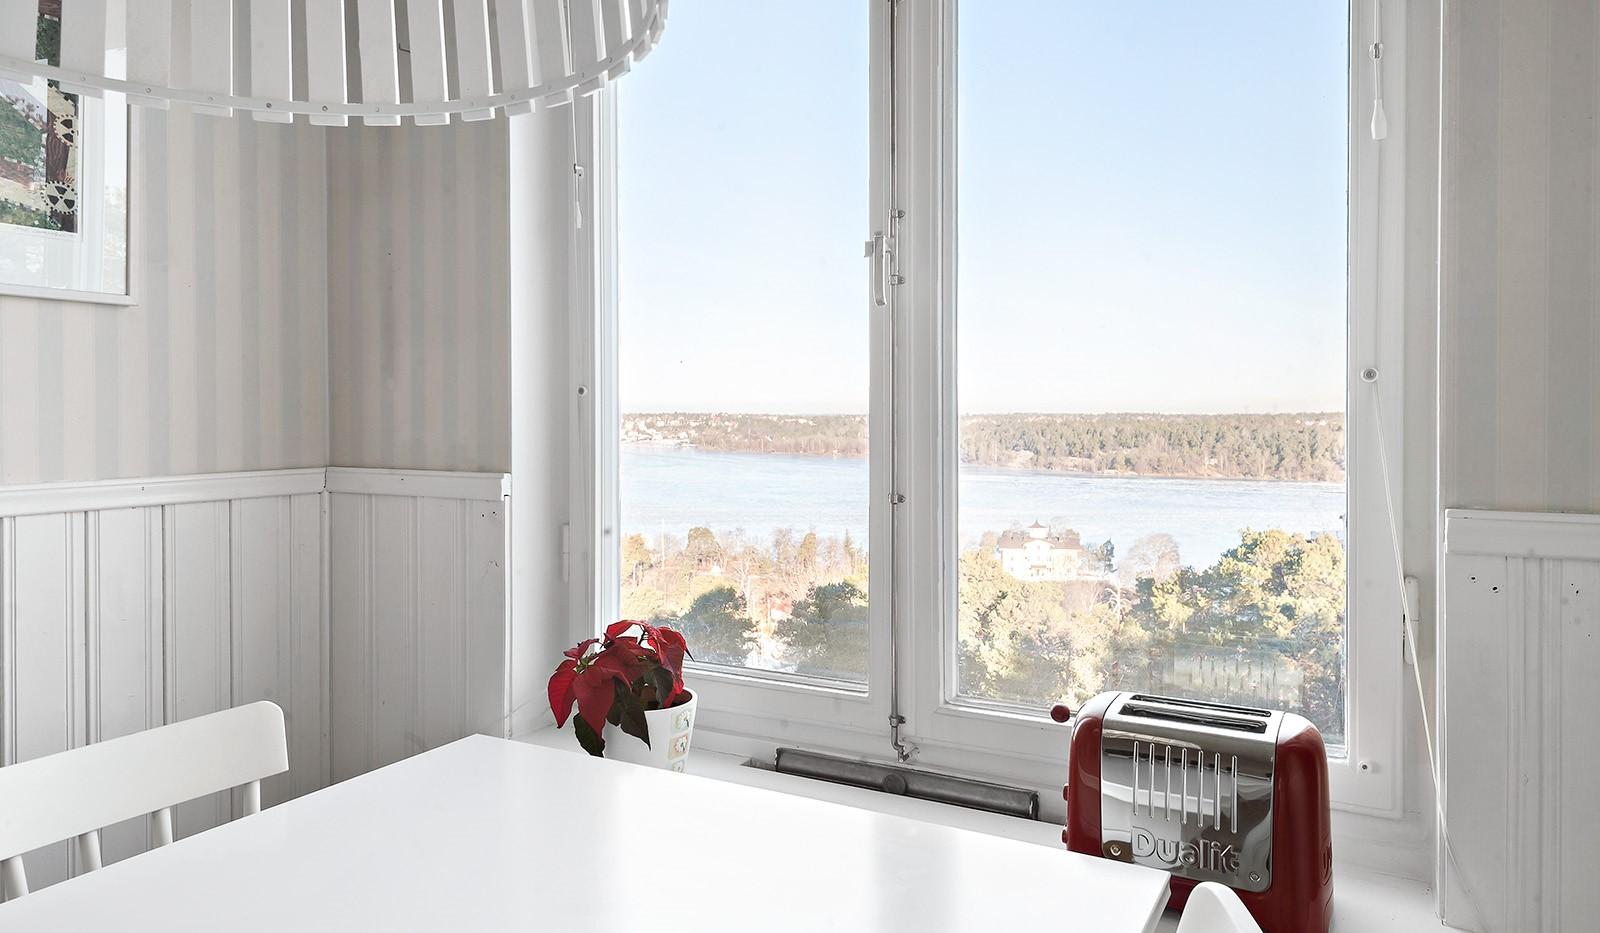 Klubbacken 39, 3 tr - Utsikt från matplats